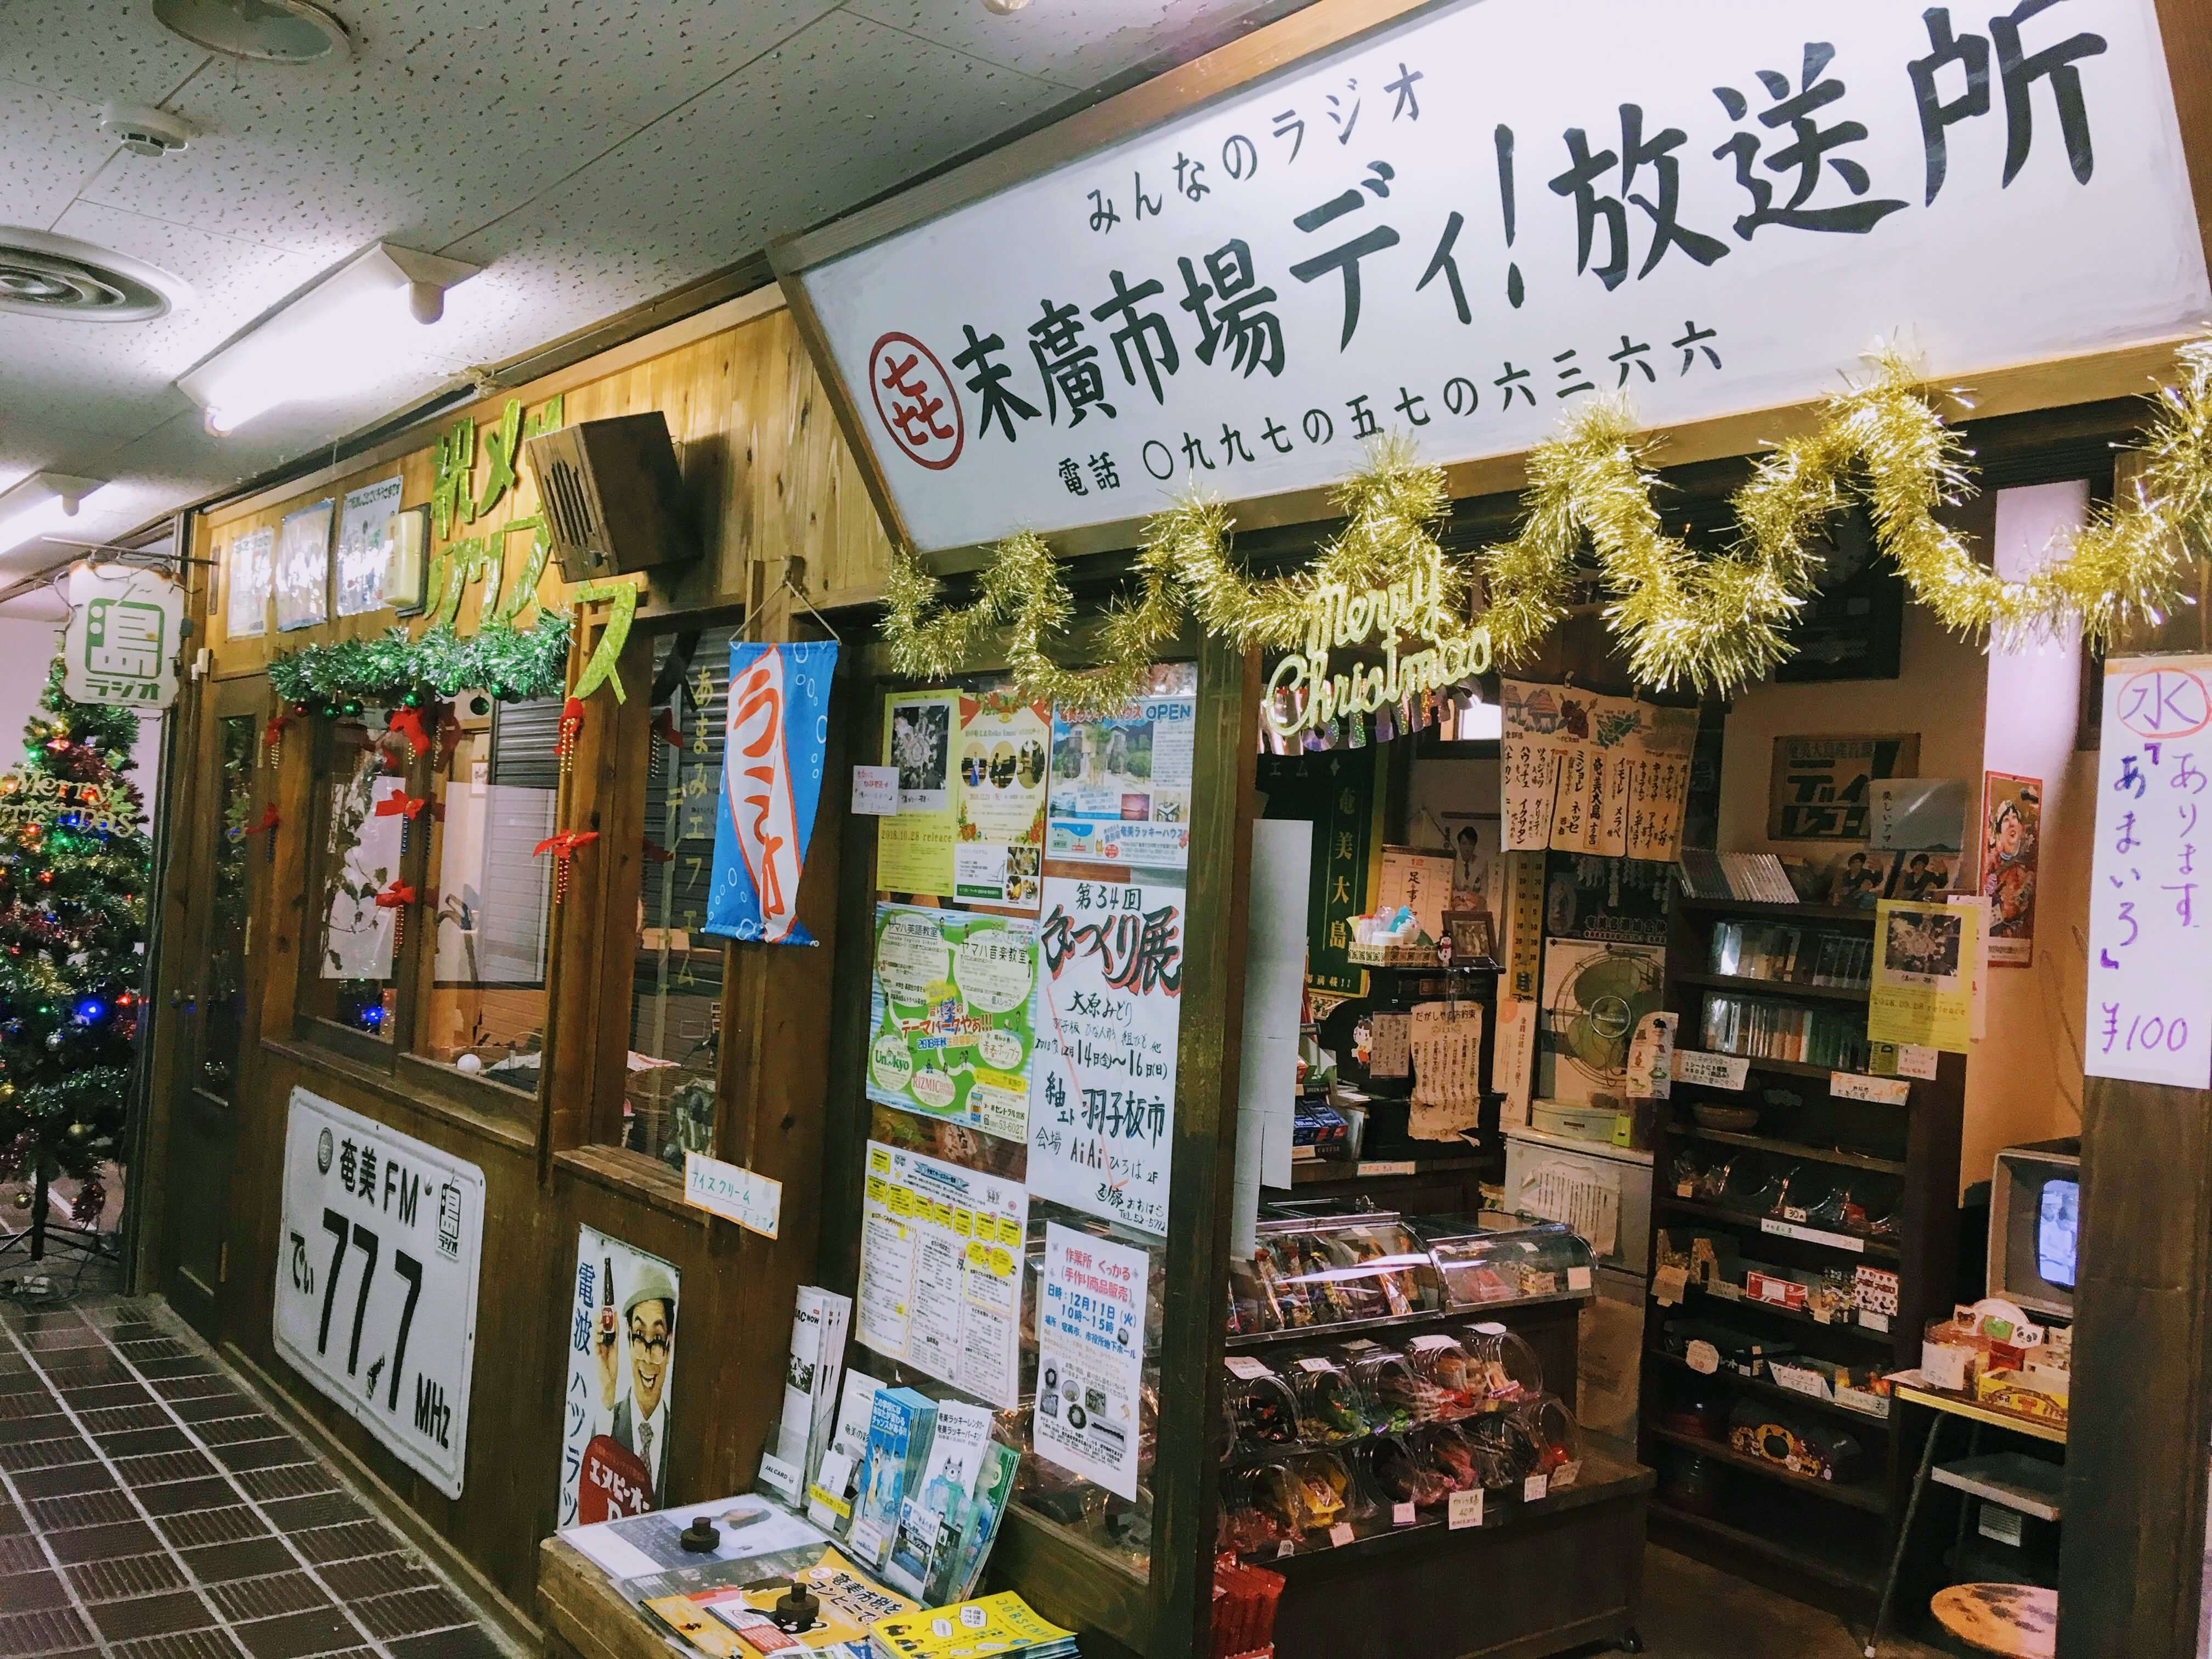 クリスマス仕様の末広市場ディ!放送所